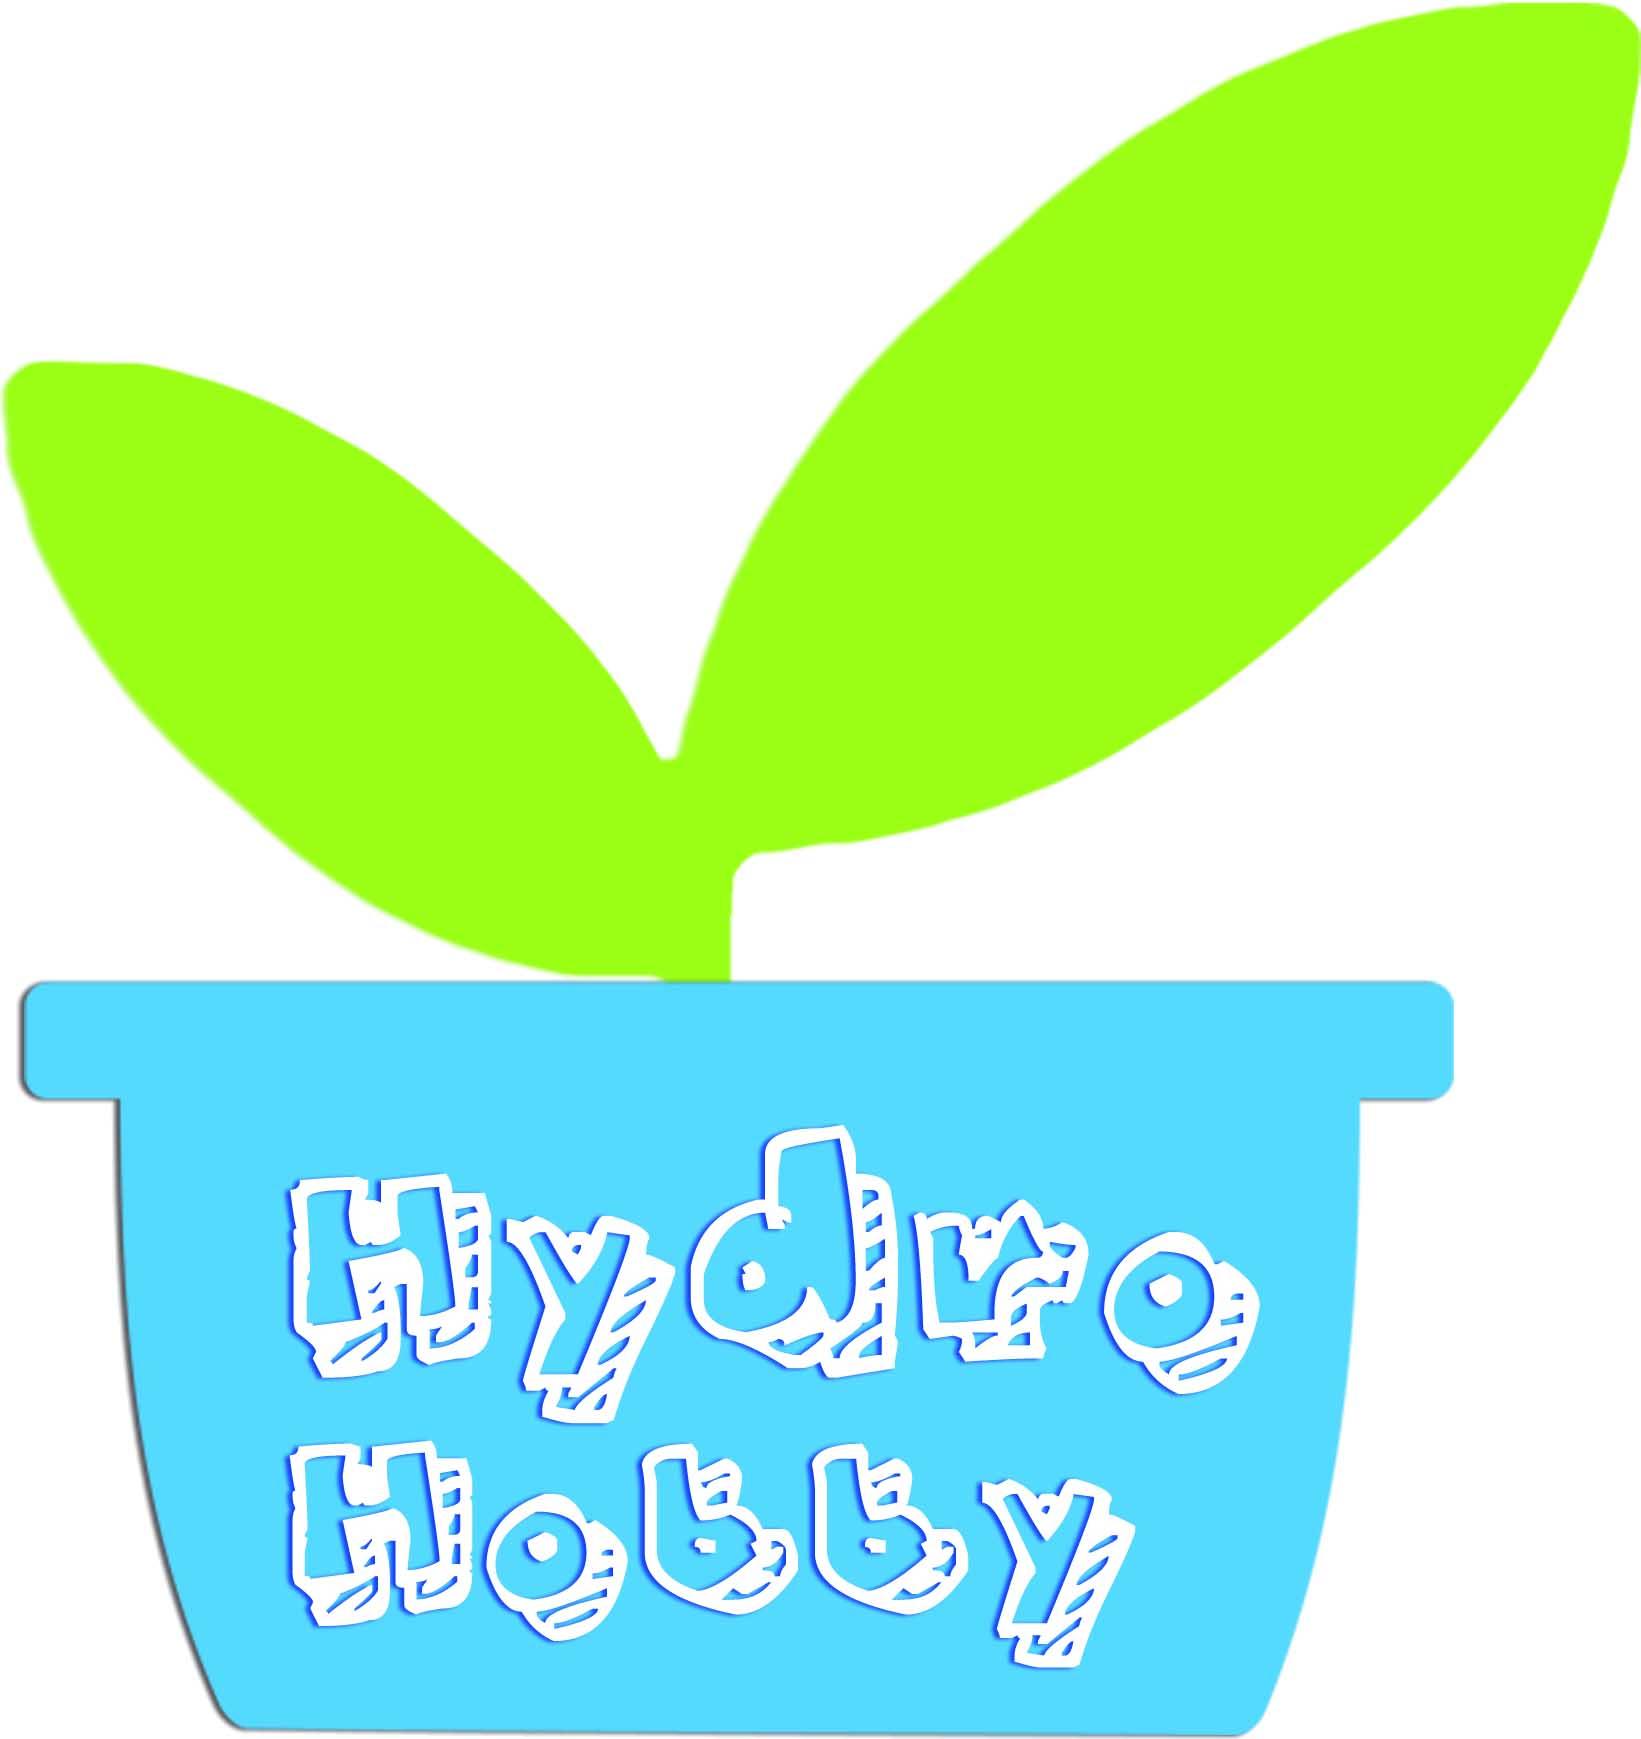 ร้านHydrohobby